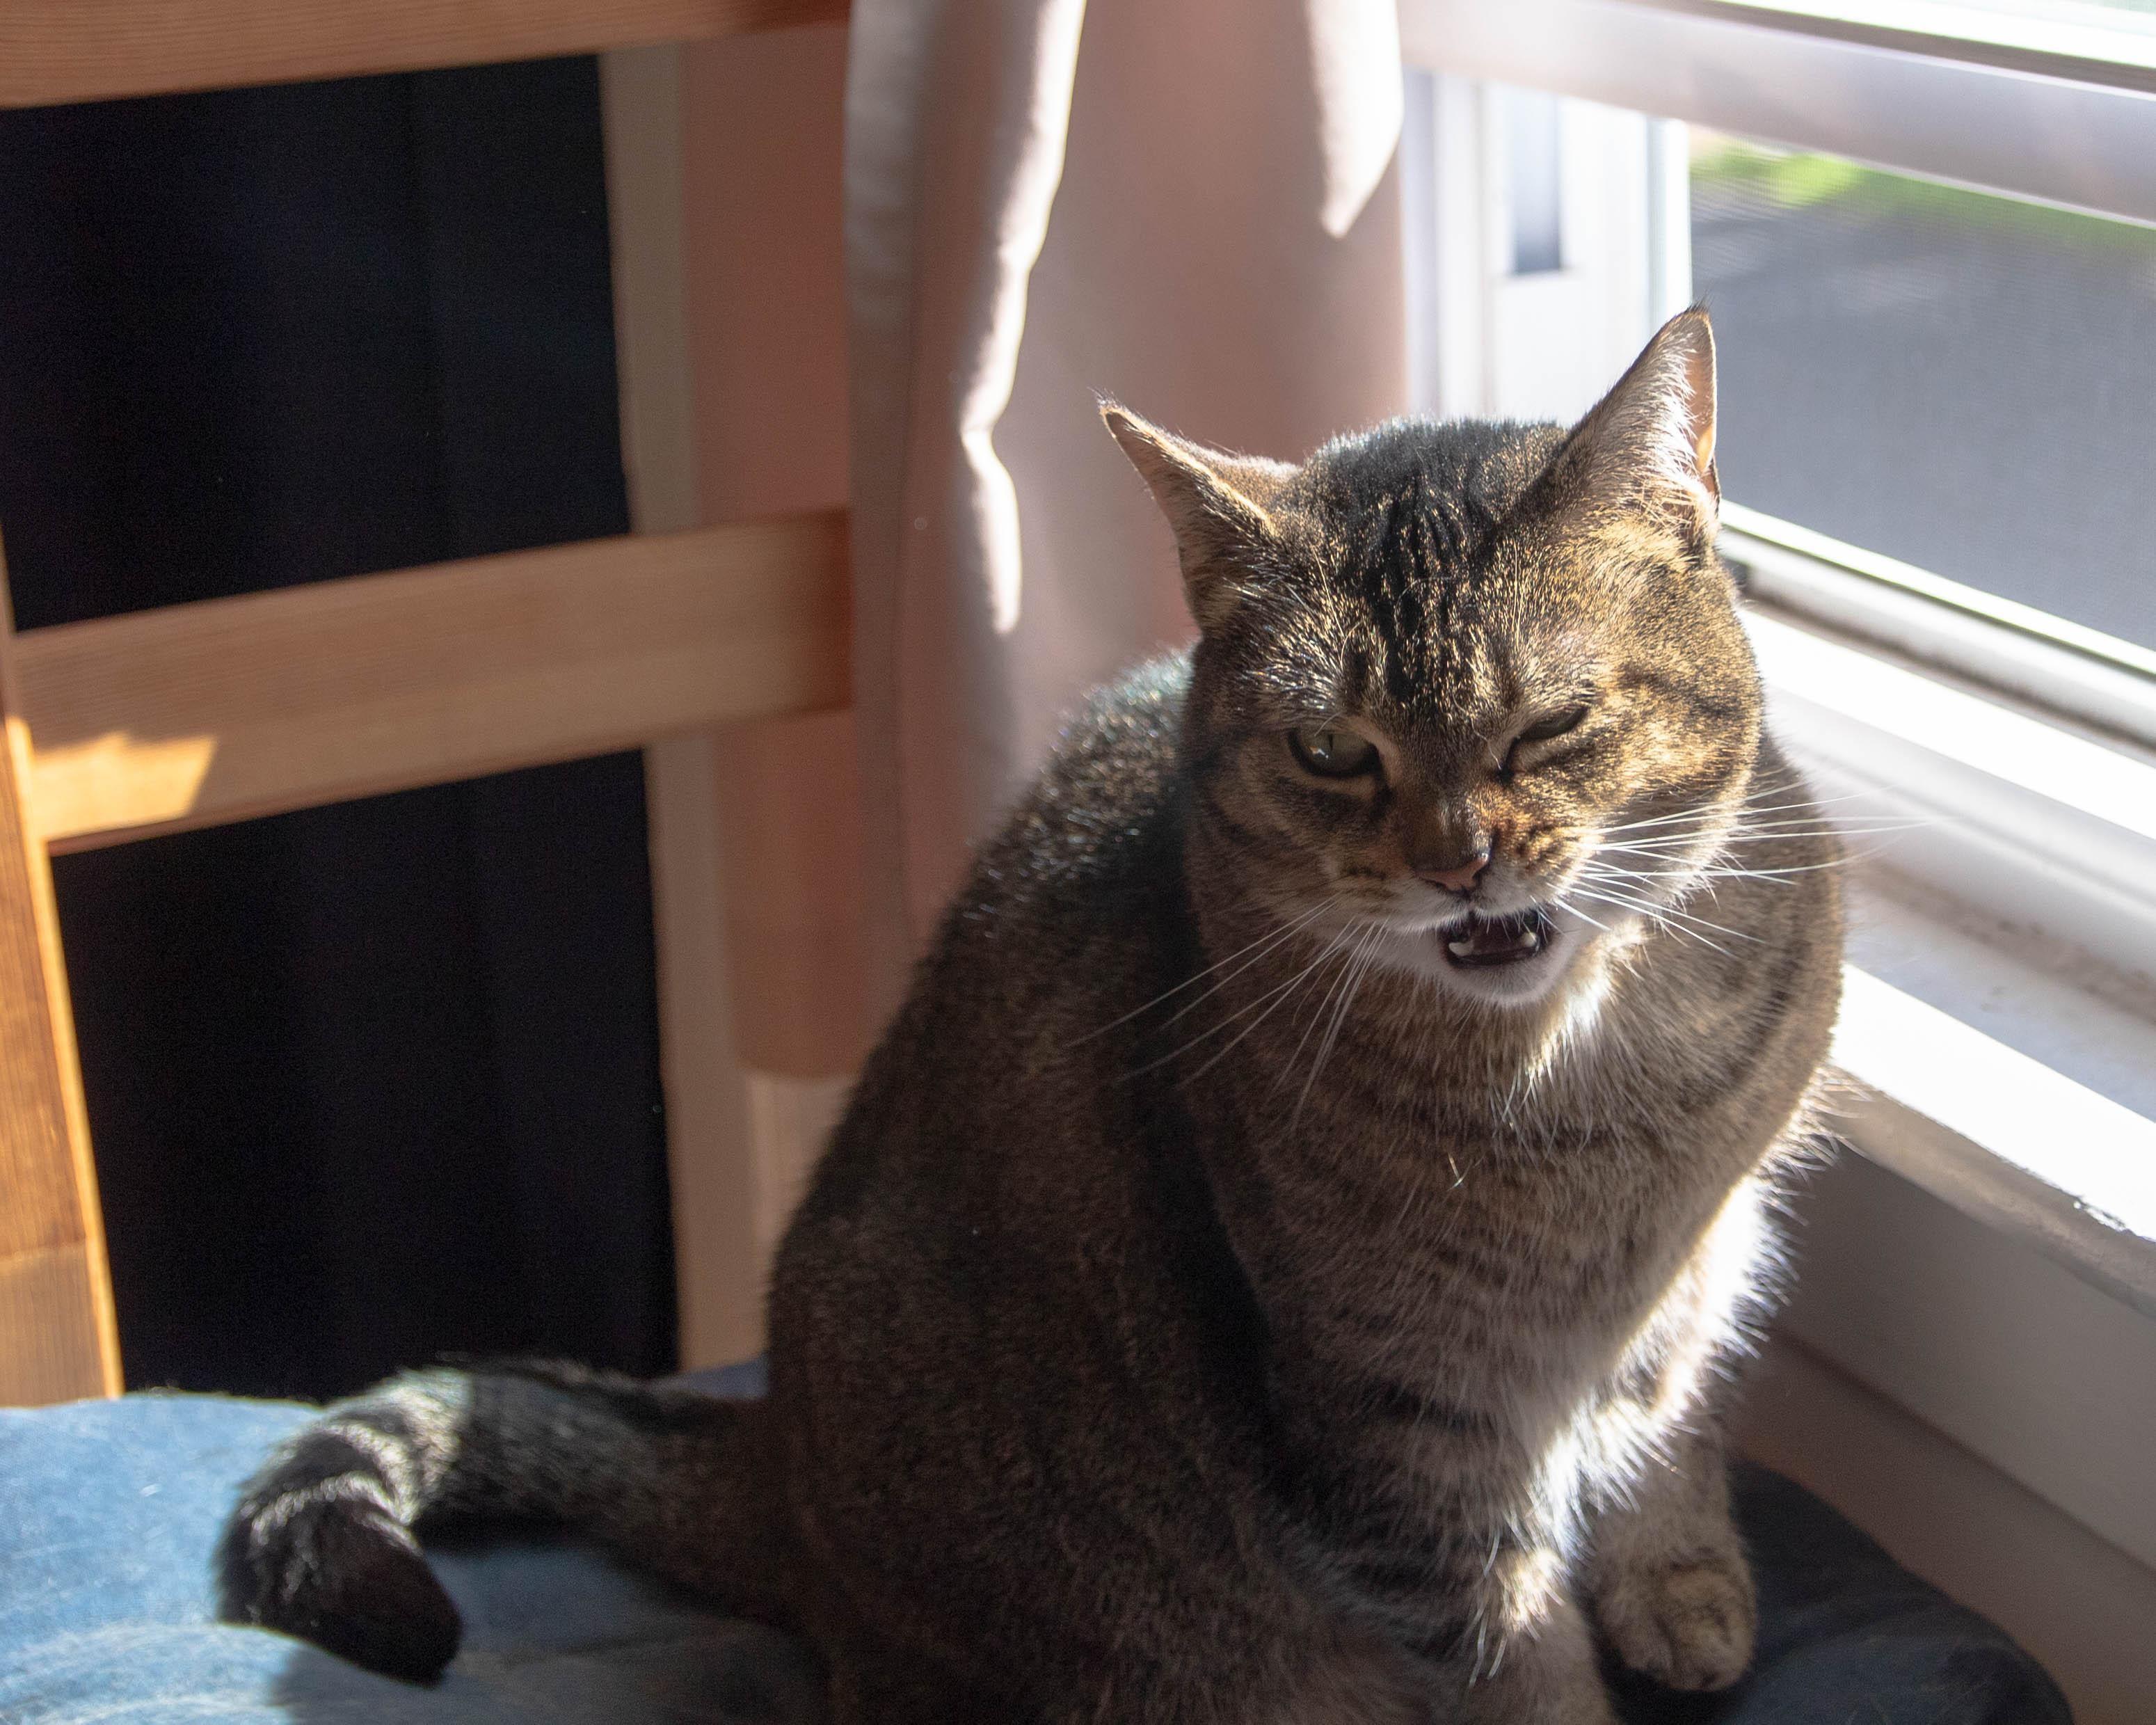 Psbattle Sneezing Cat Diy Car Picture Car Wallpaper Cats Photoshop Battle Cat Diy